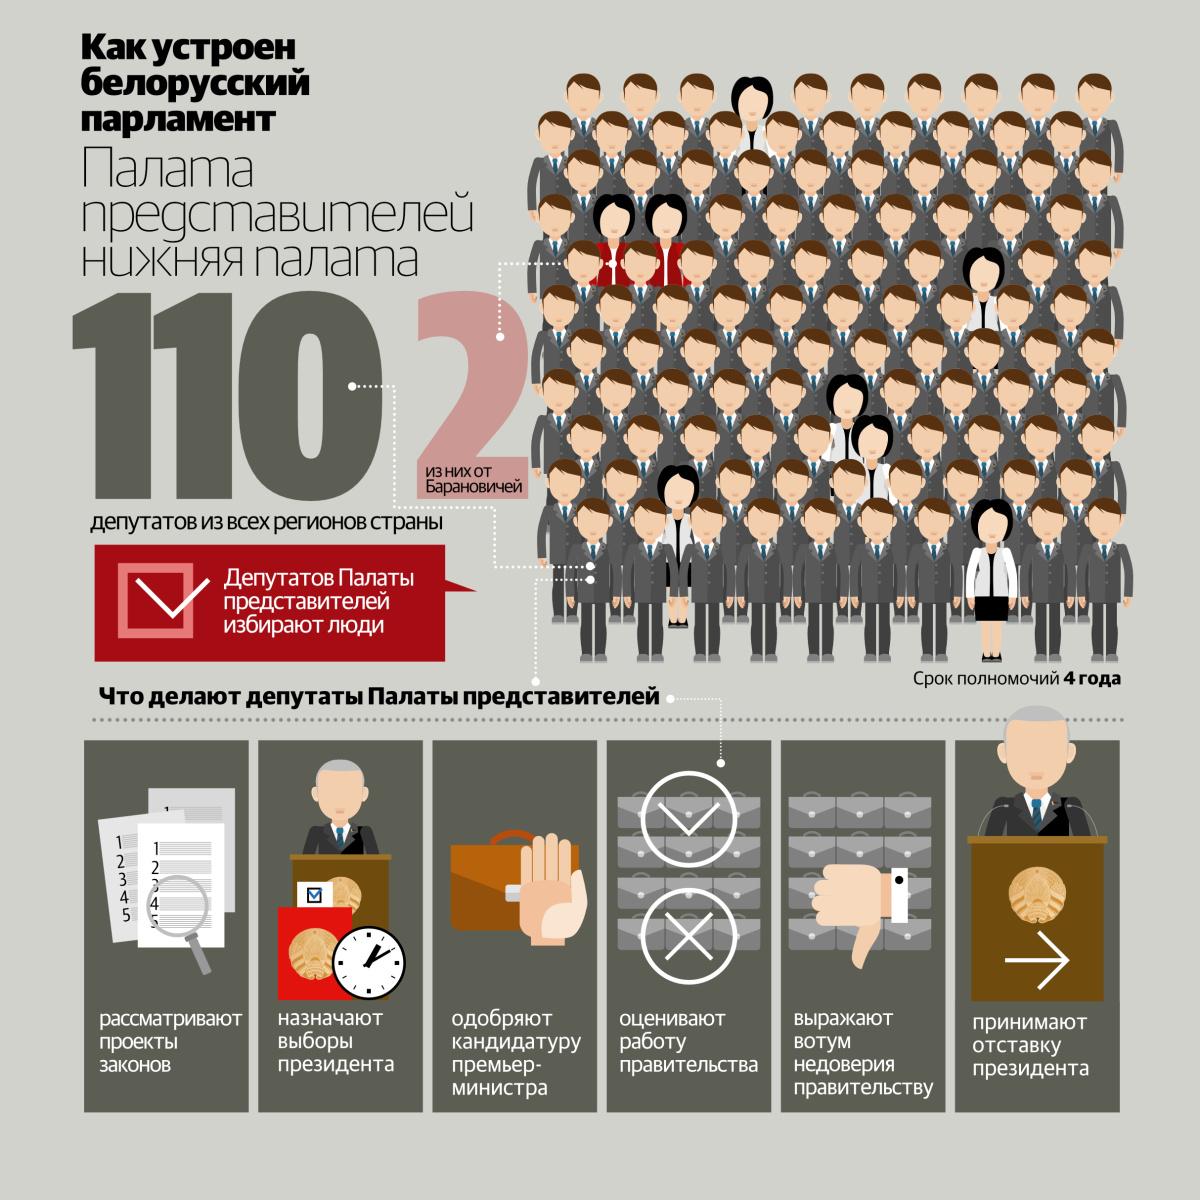 как устроен белорусский парламент